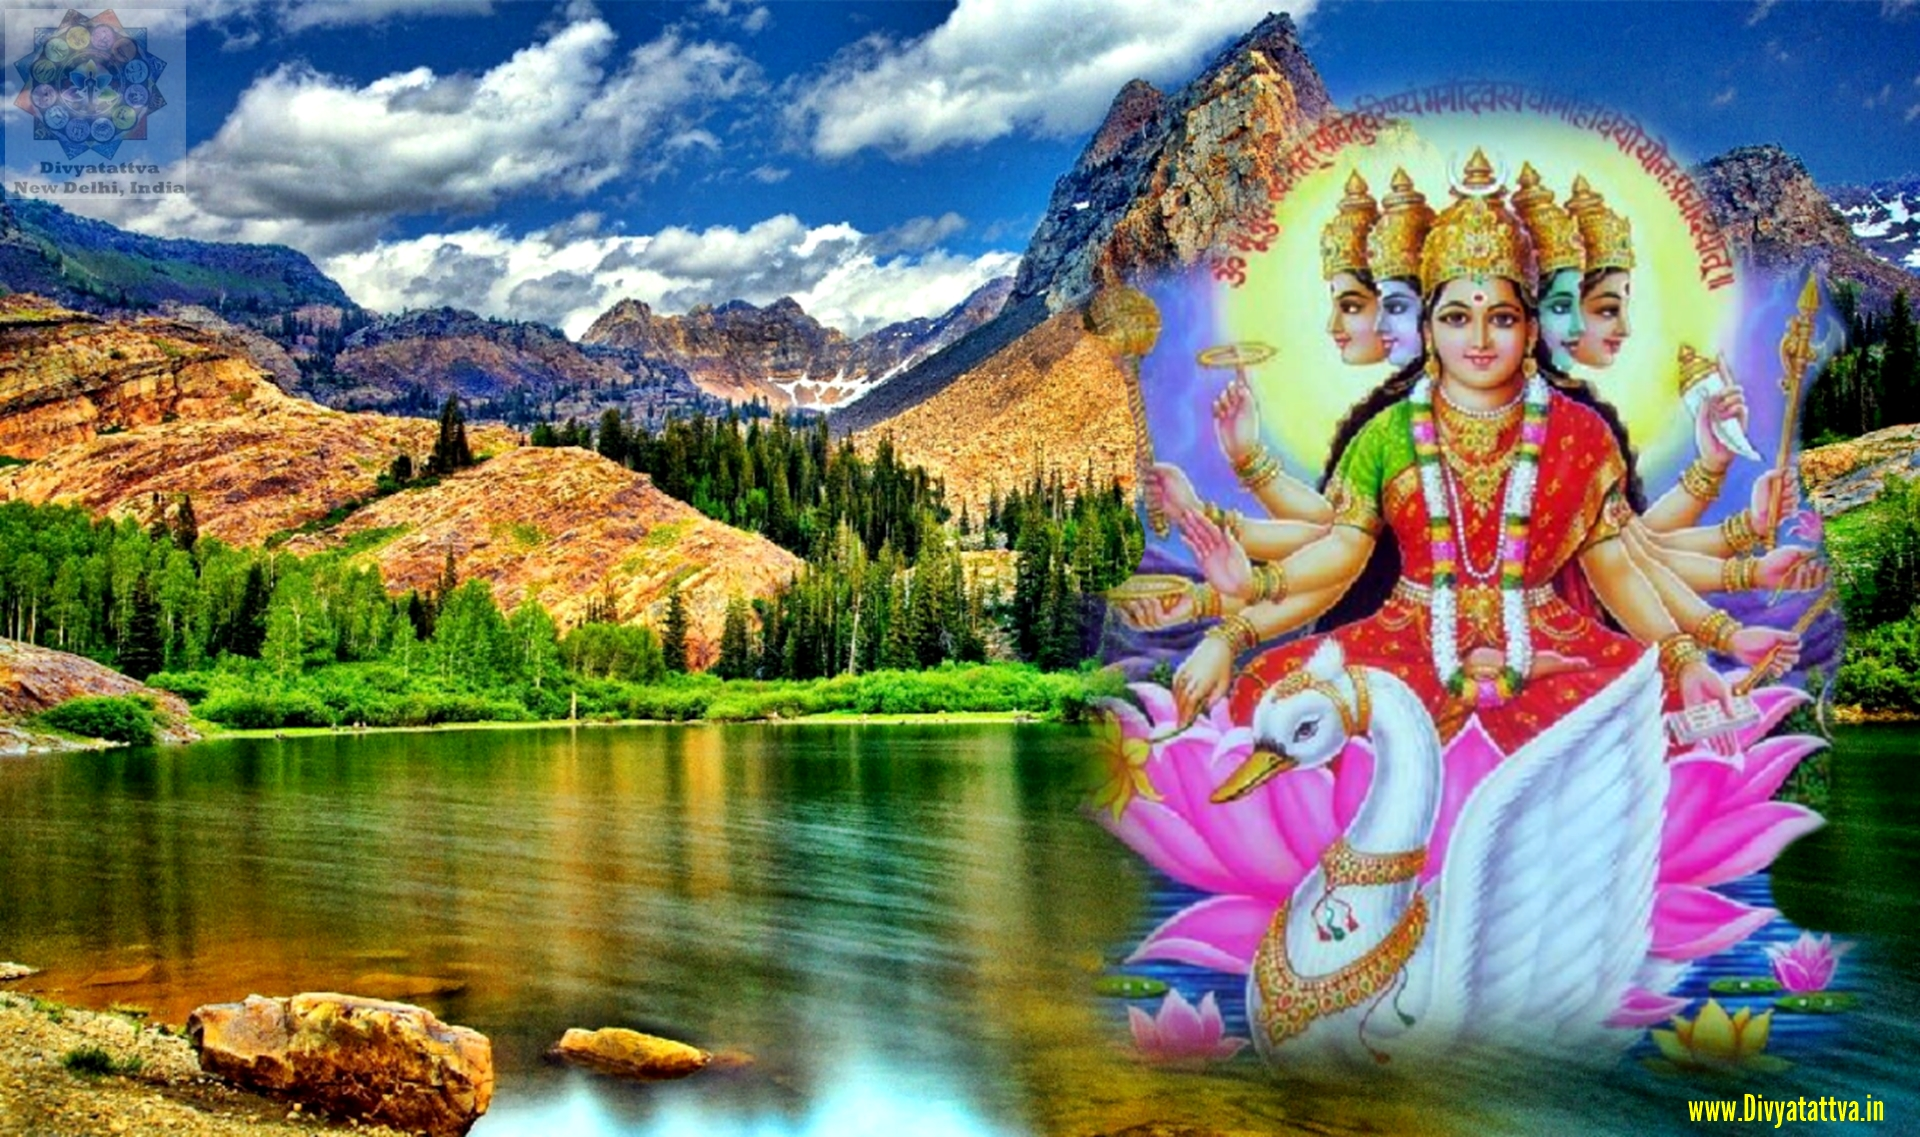 Gayatri Goddess 4K UHD Wallpaper, Gayatri Mata Wallpaper for Desktop Download